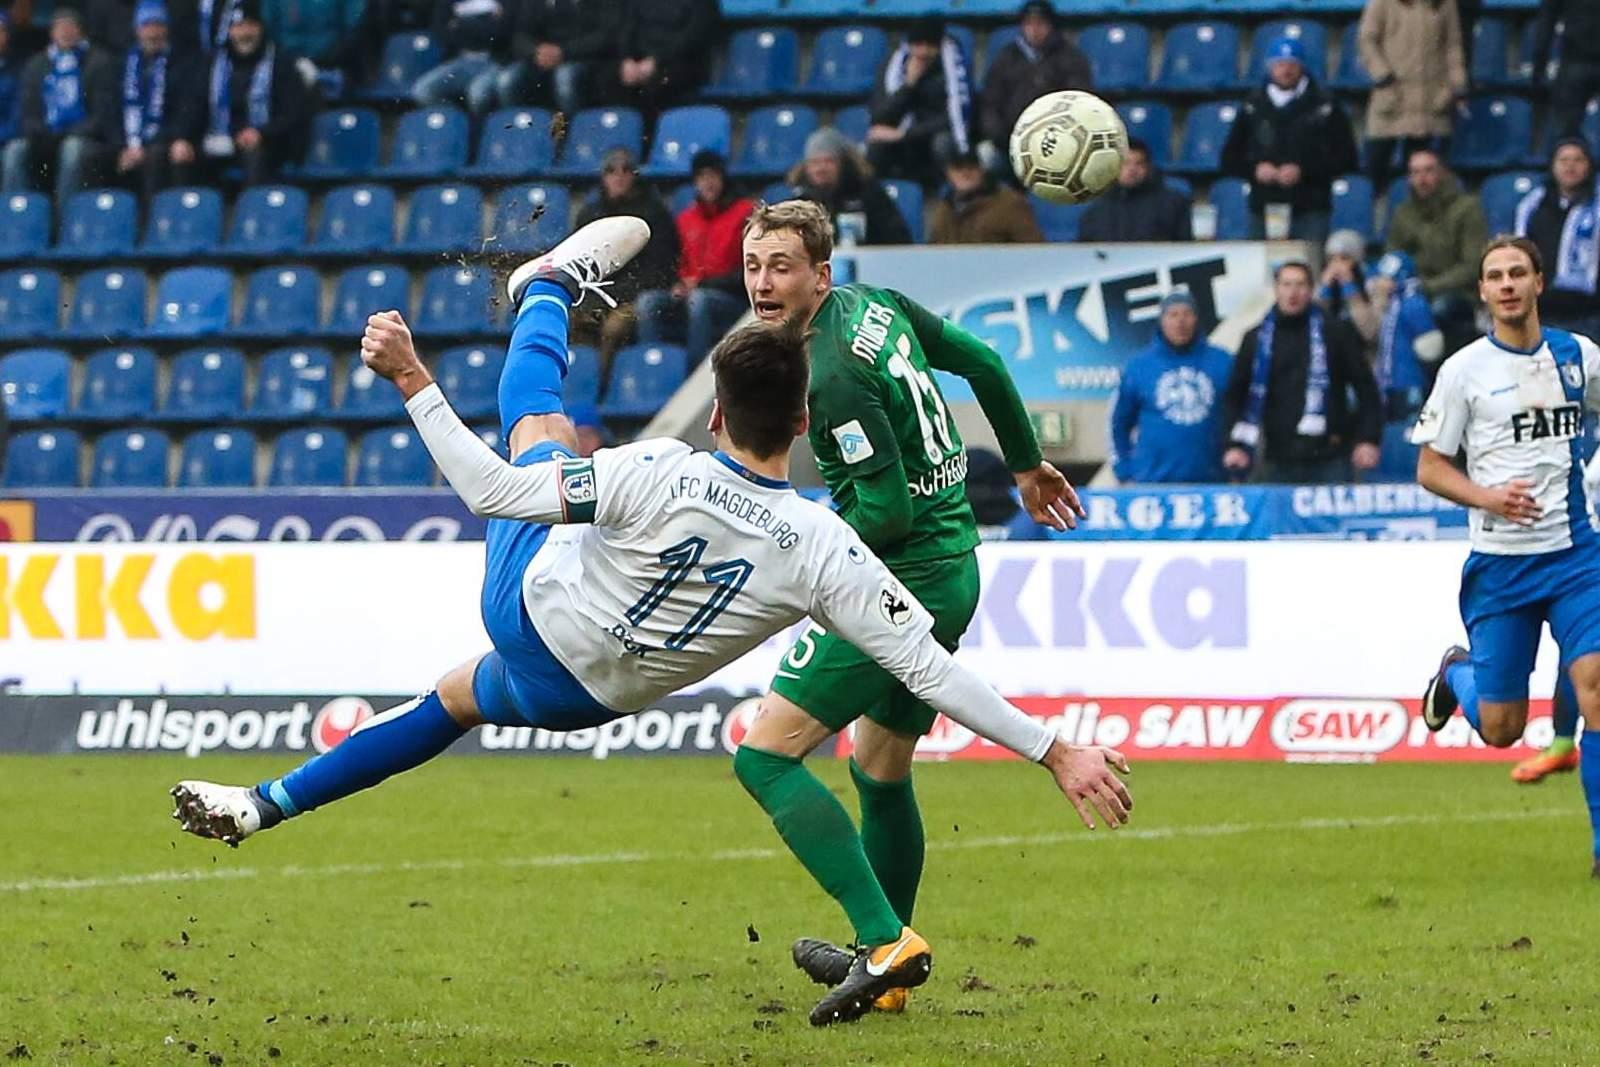 1fc Magdeburg Tor Des Jahres Nächste Chance Für Beck